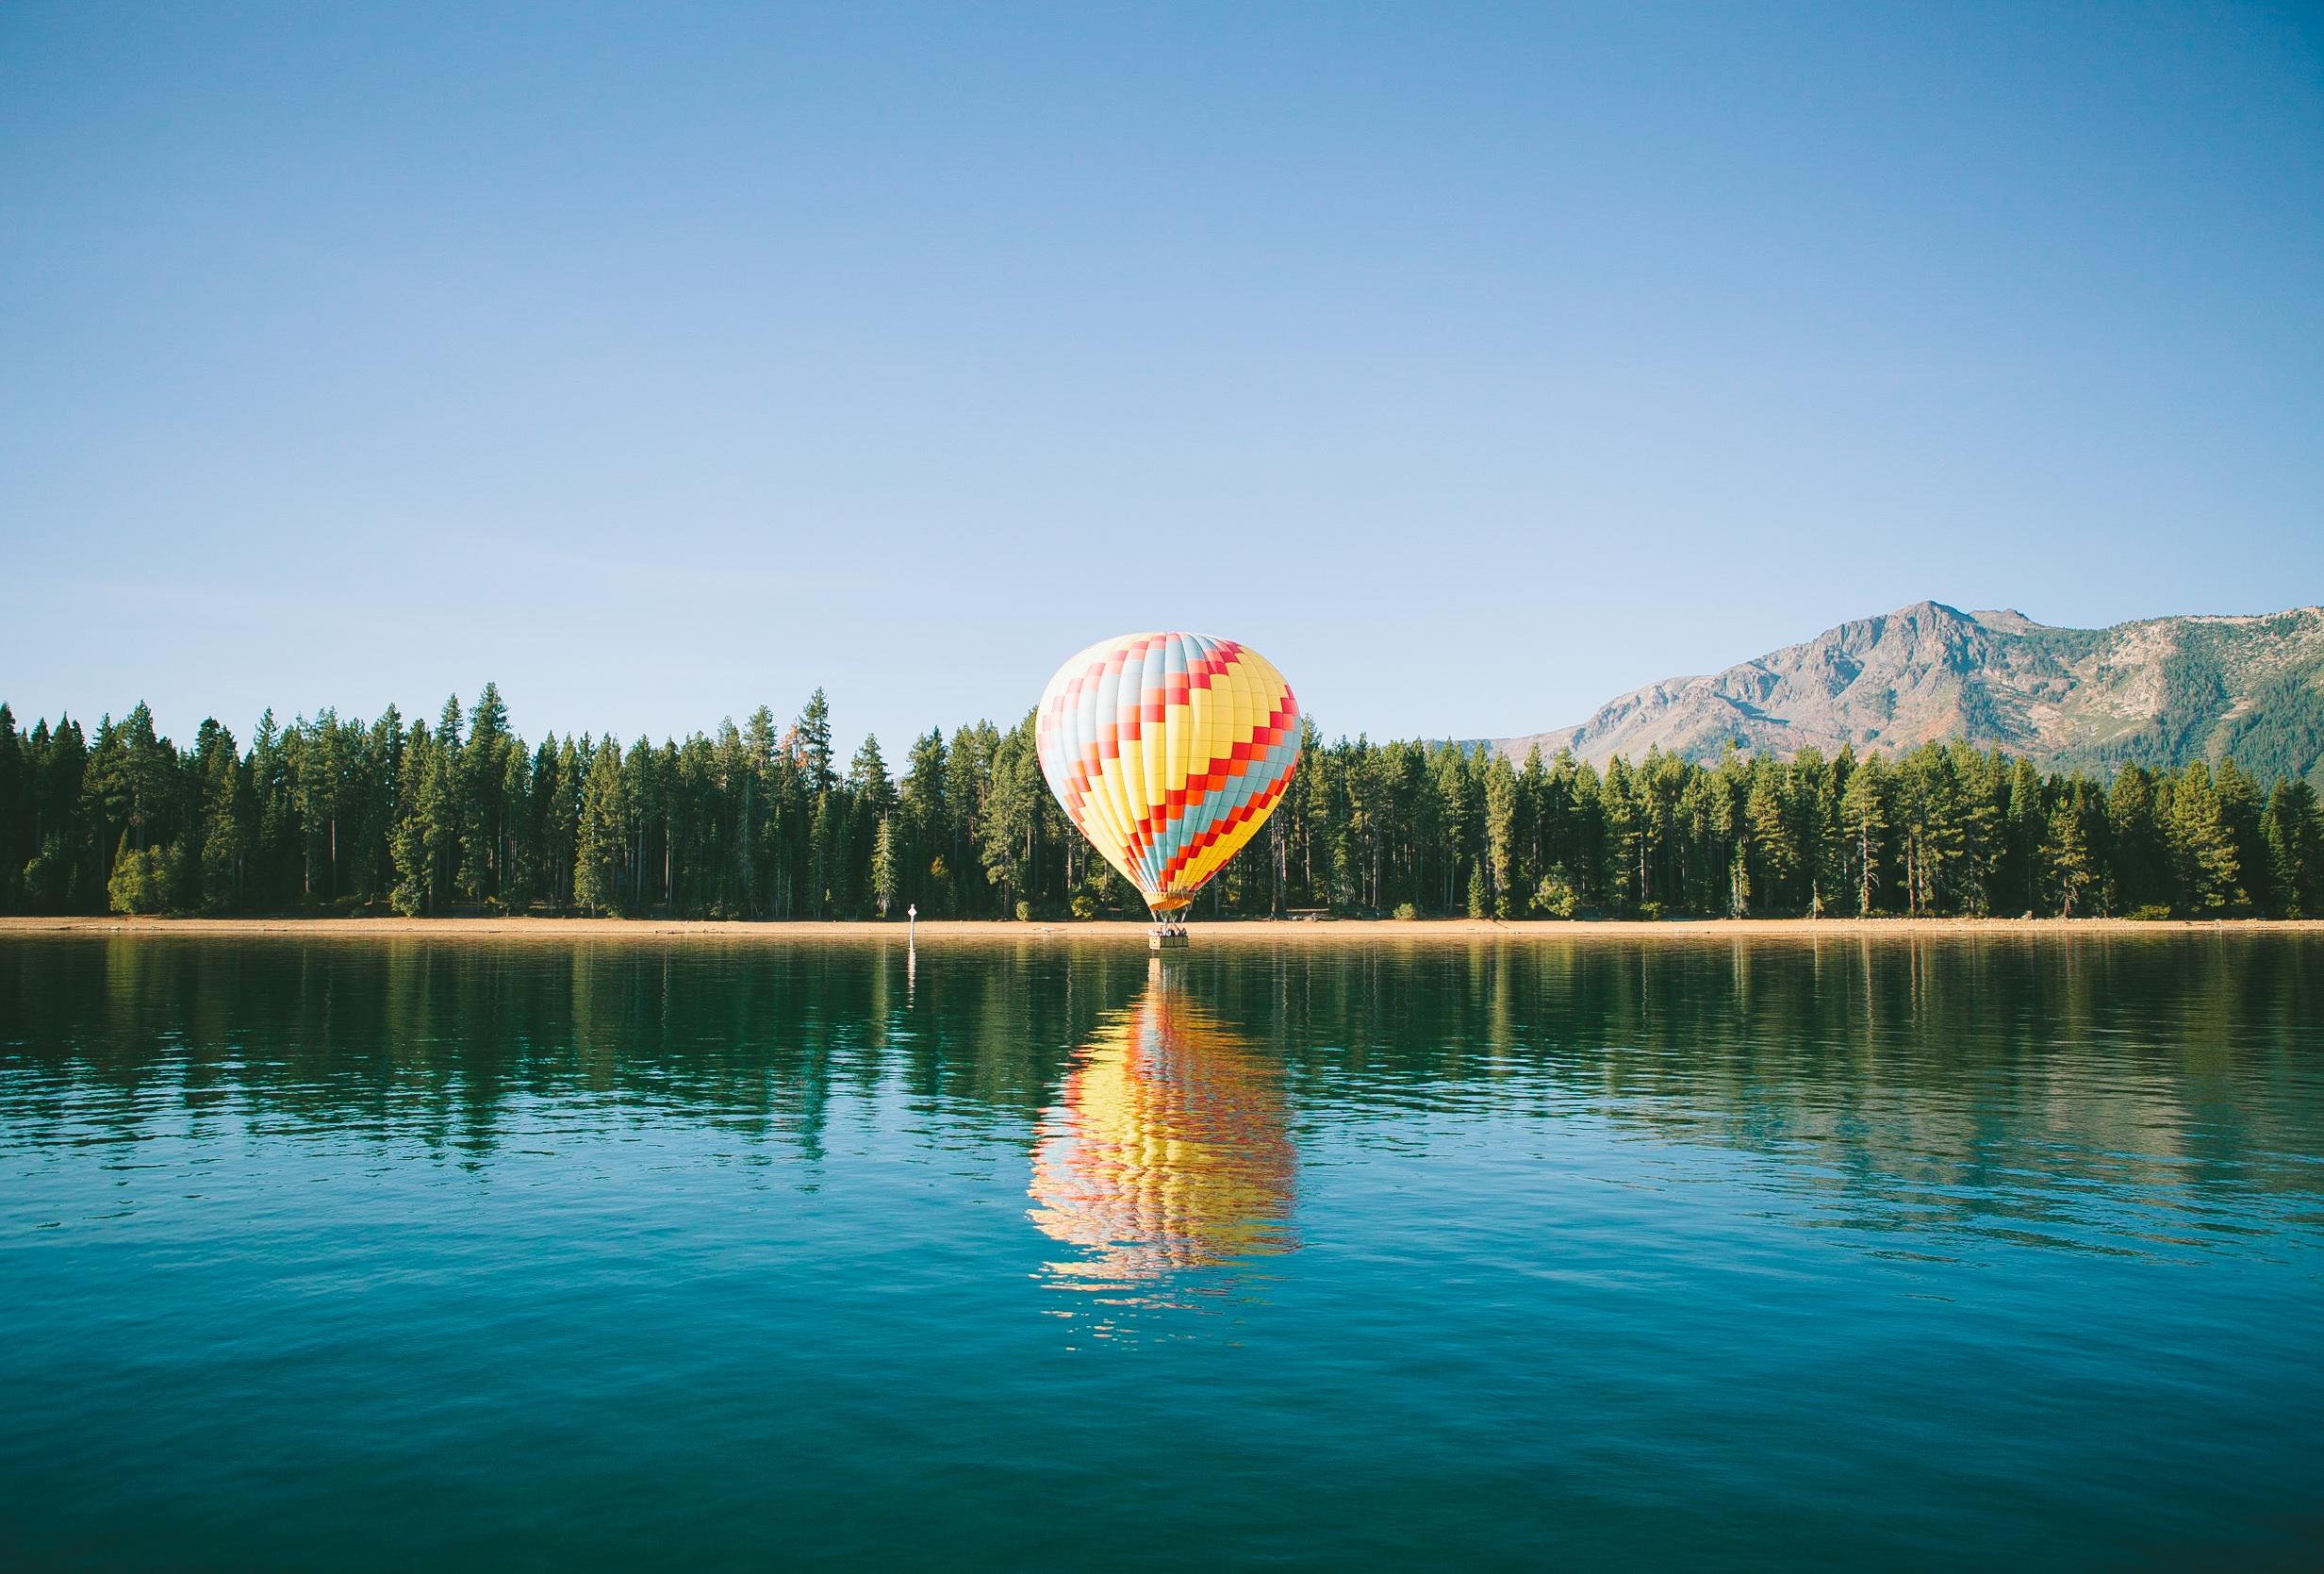 воздушный шар, Озеро, лес, Сосна, горы, Небо - Обои HD - Профессор falken.com